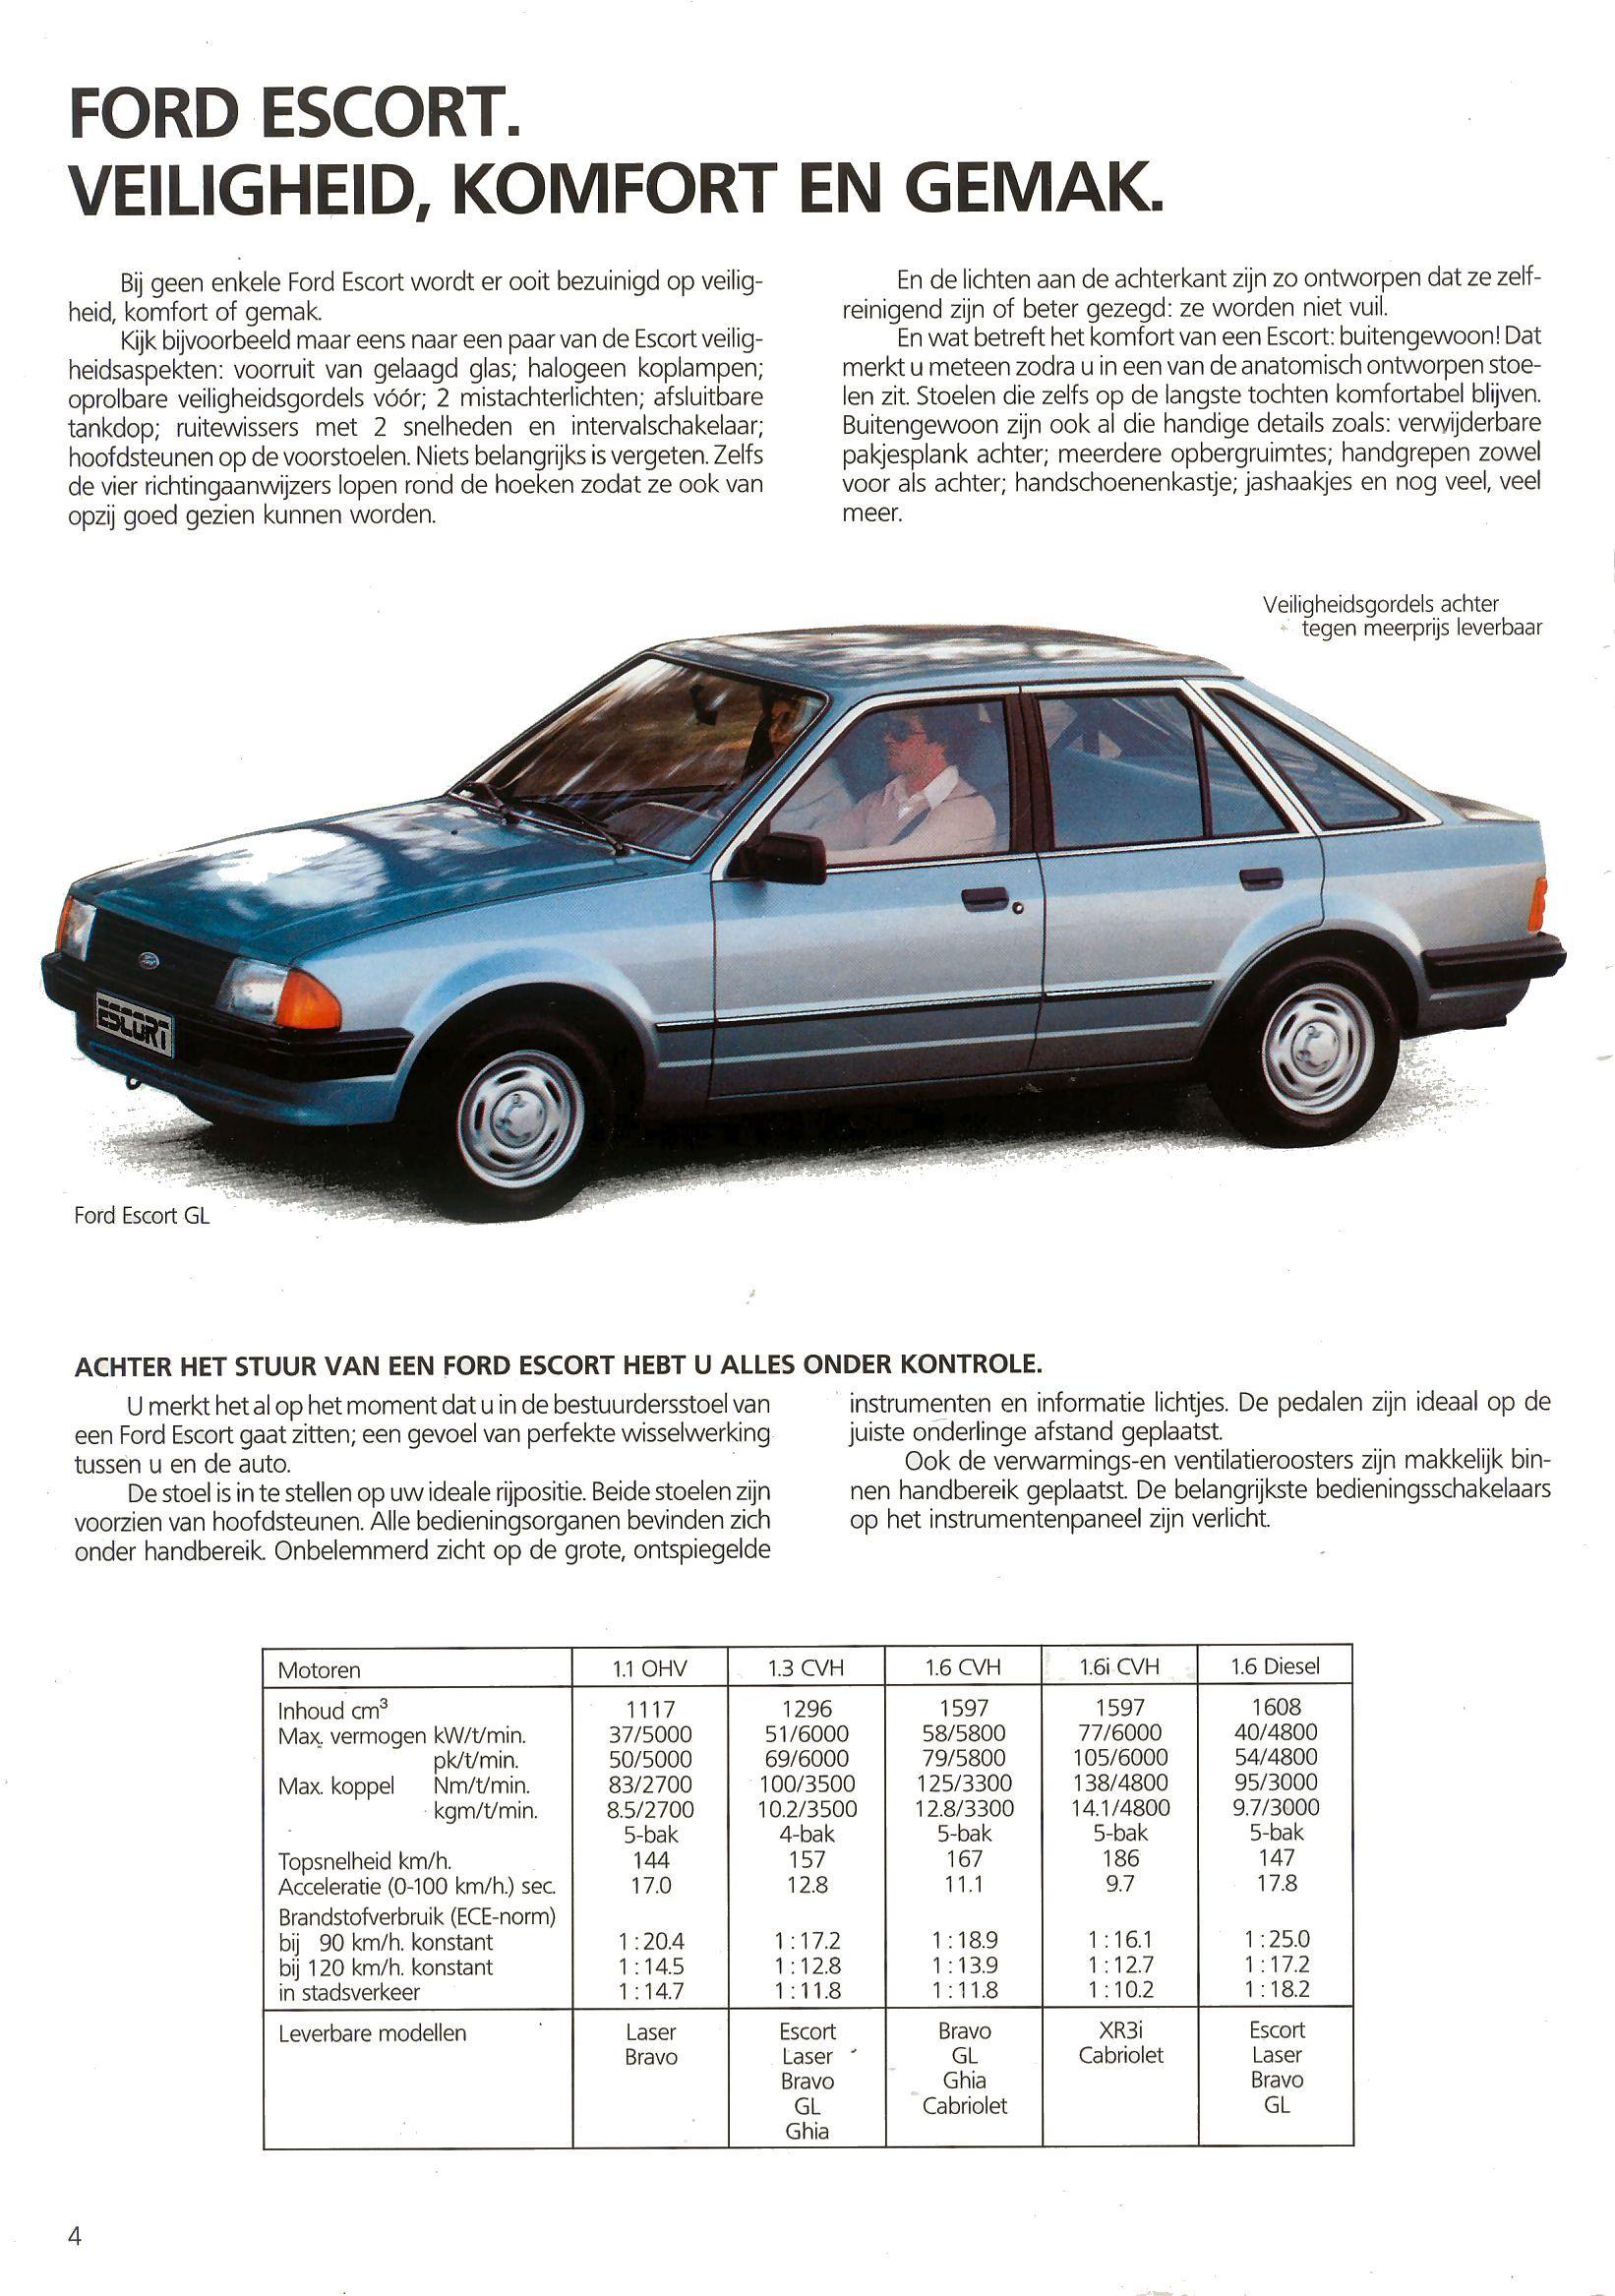 Отзывы об автомобилях. Честные отзывы автовладельцев.